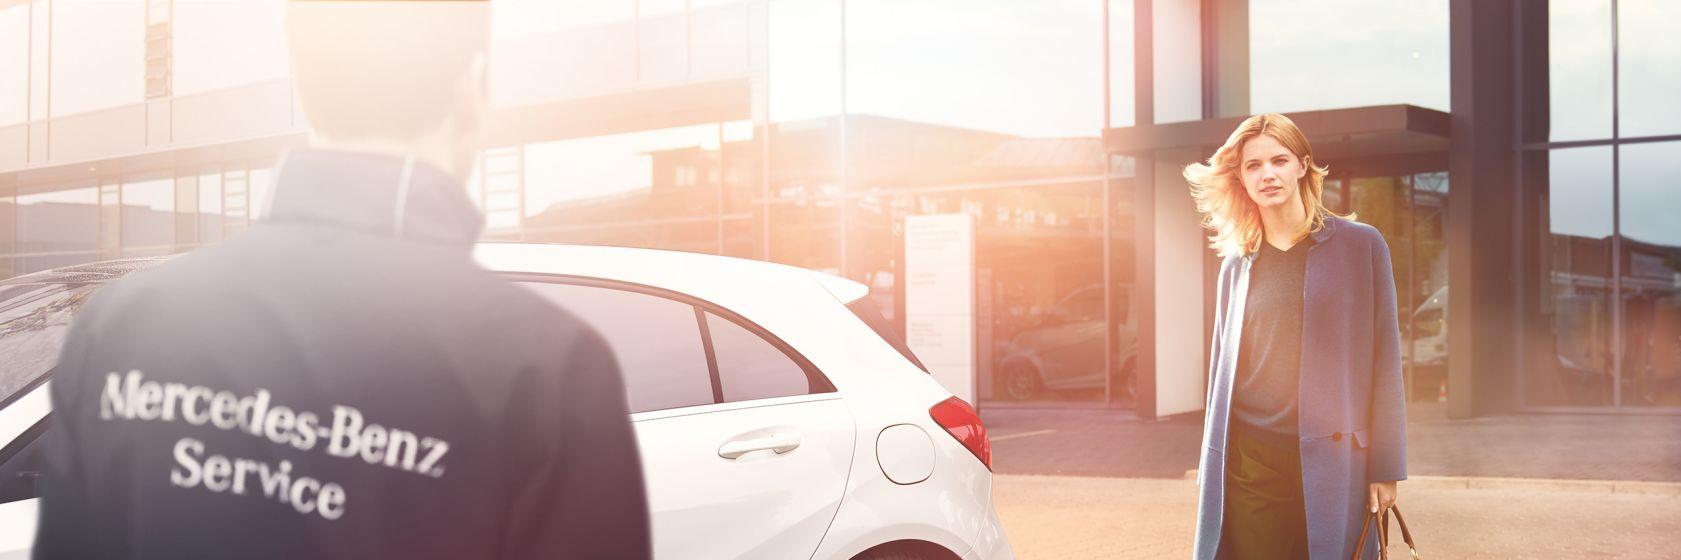 Pakiet serwisowy w Mercedes-Benz na samochody 4 i 5-letnie 1